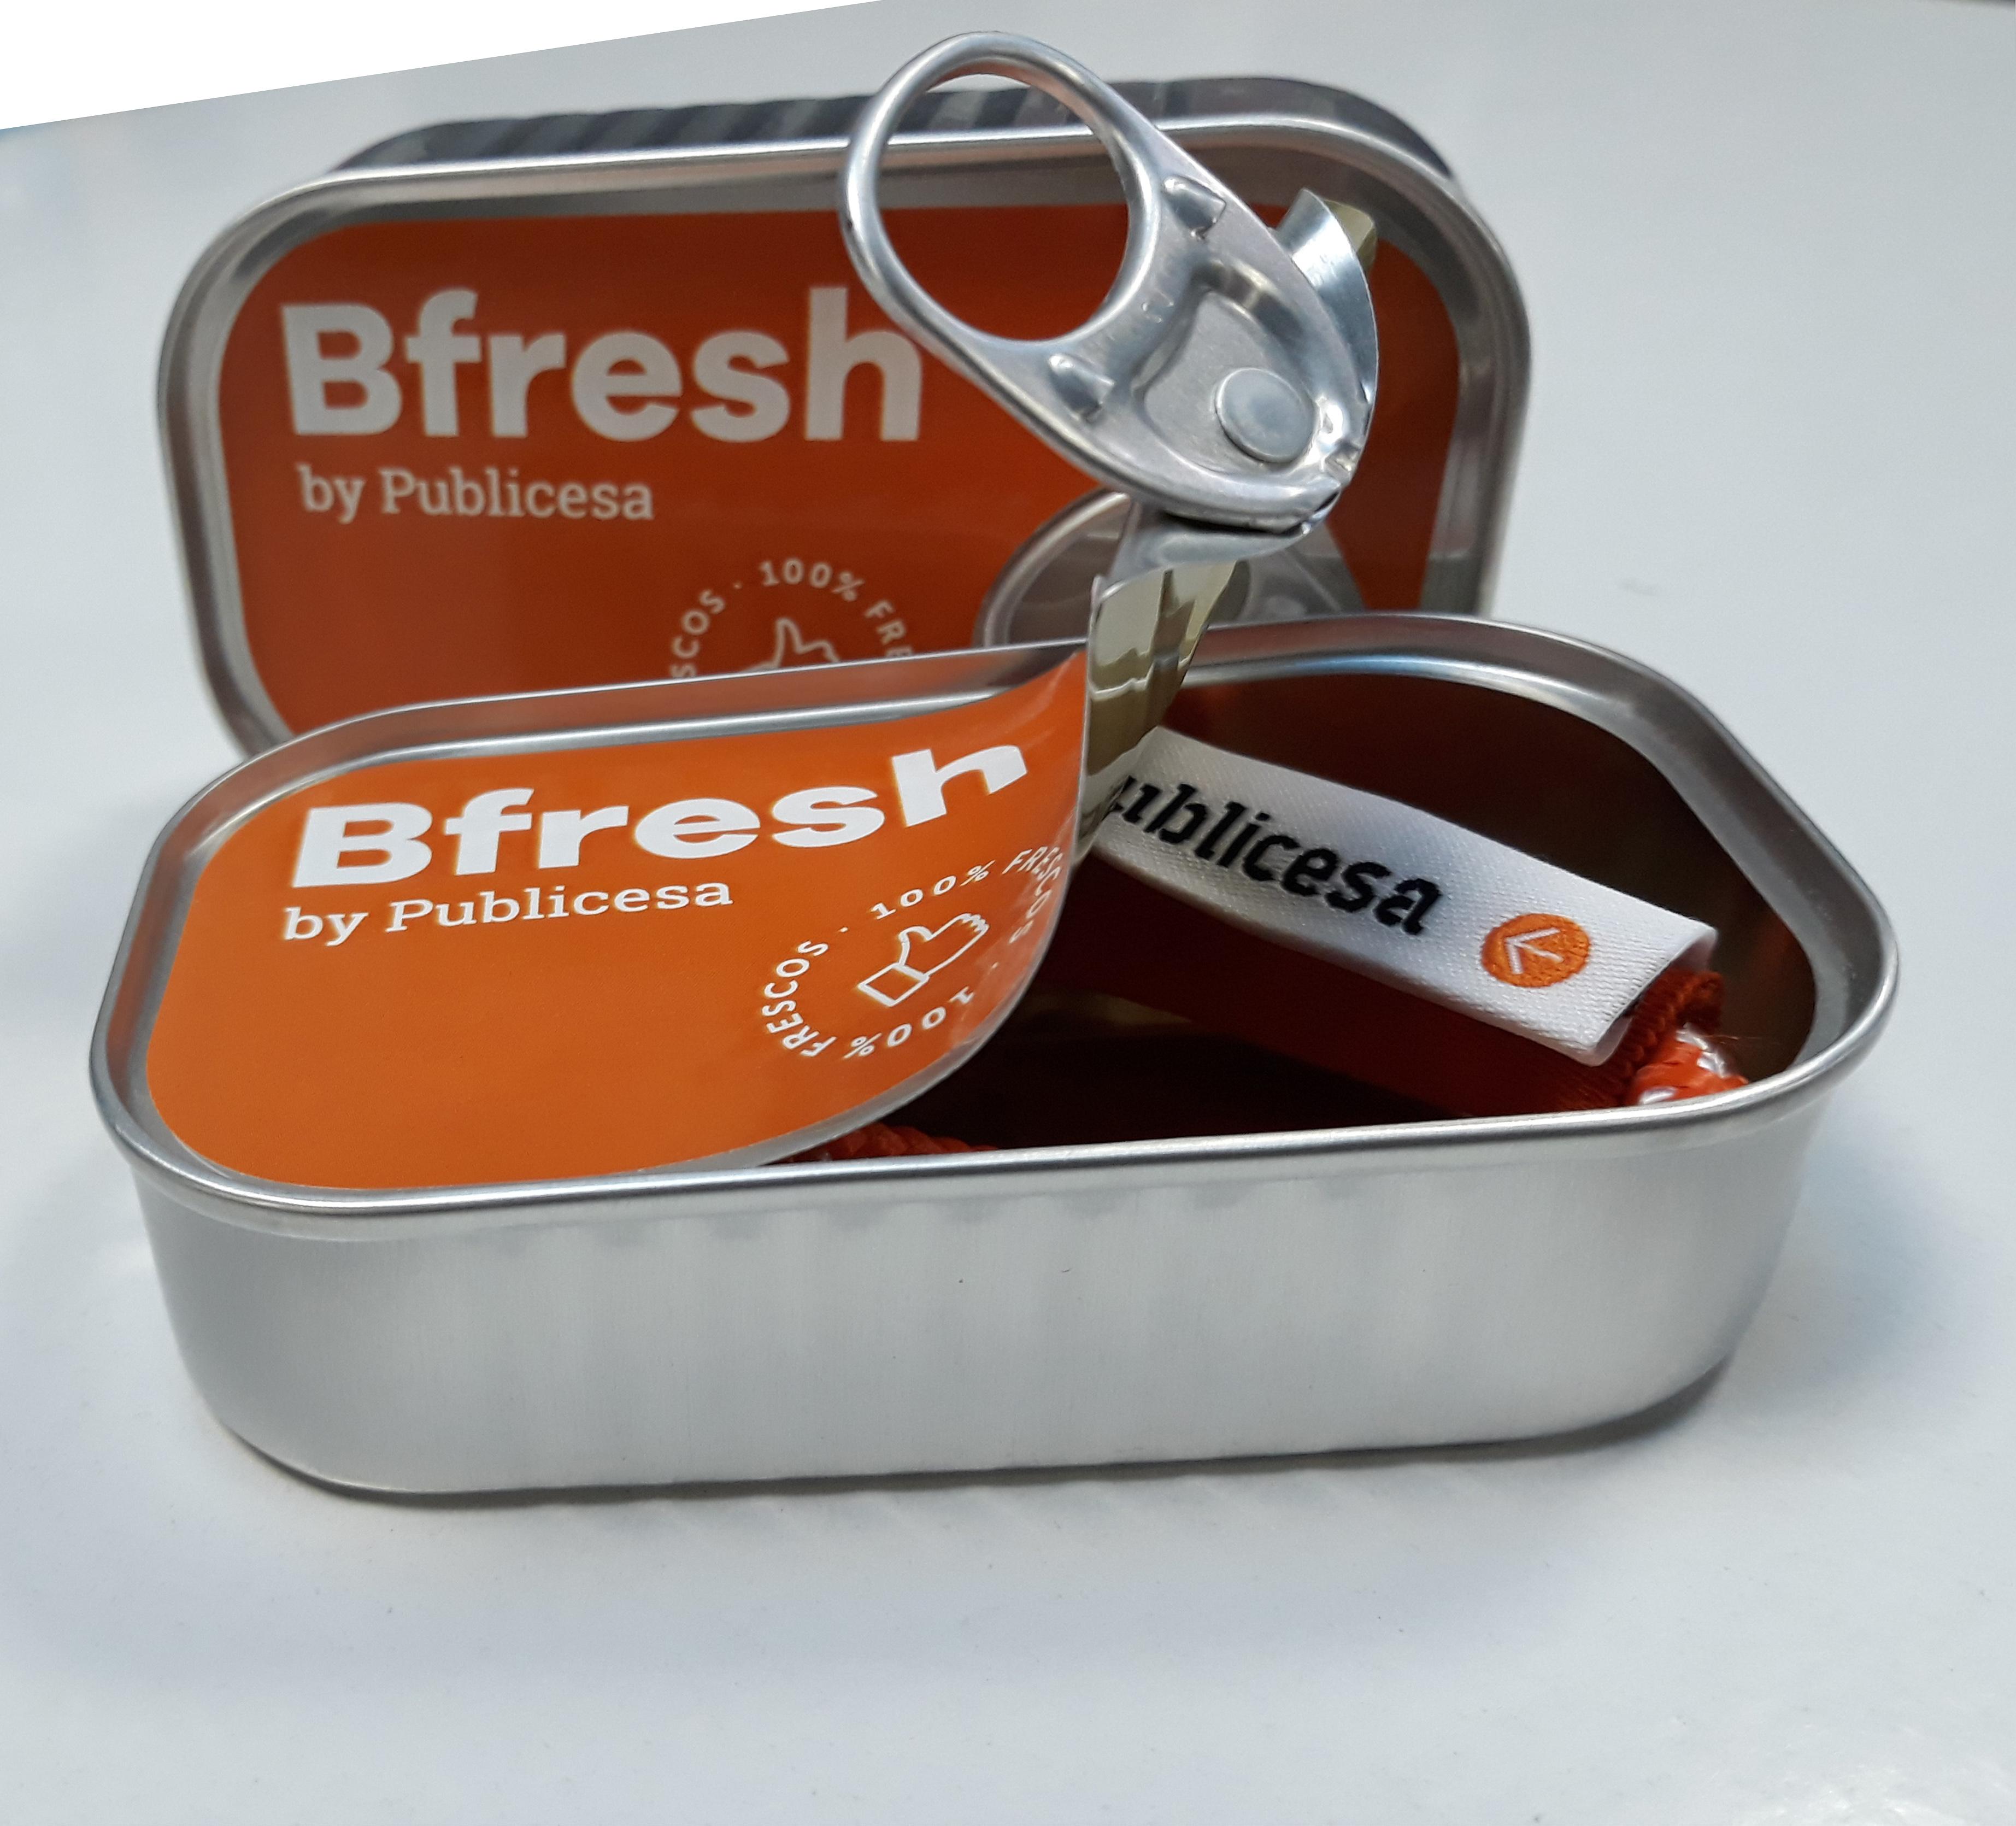 Bfresh… lo último y más fresco de Publicesa